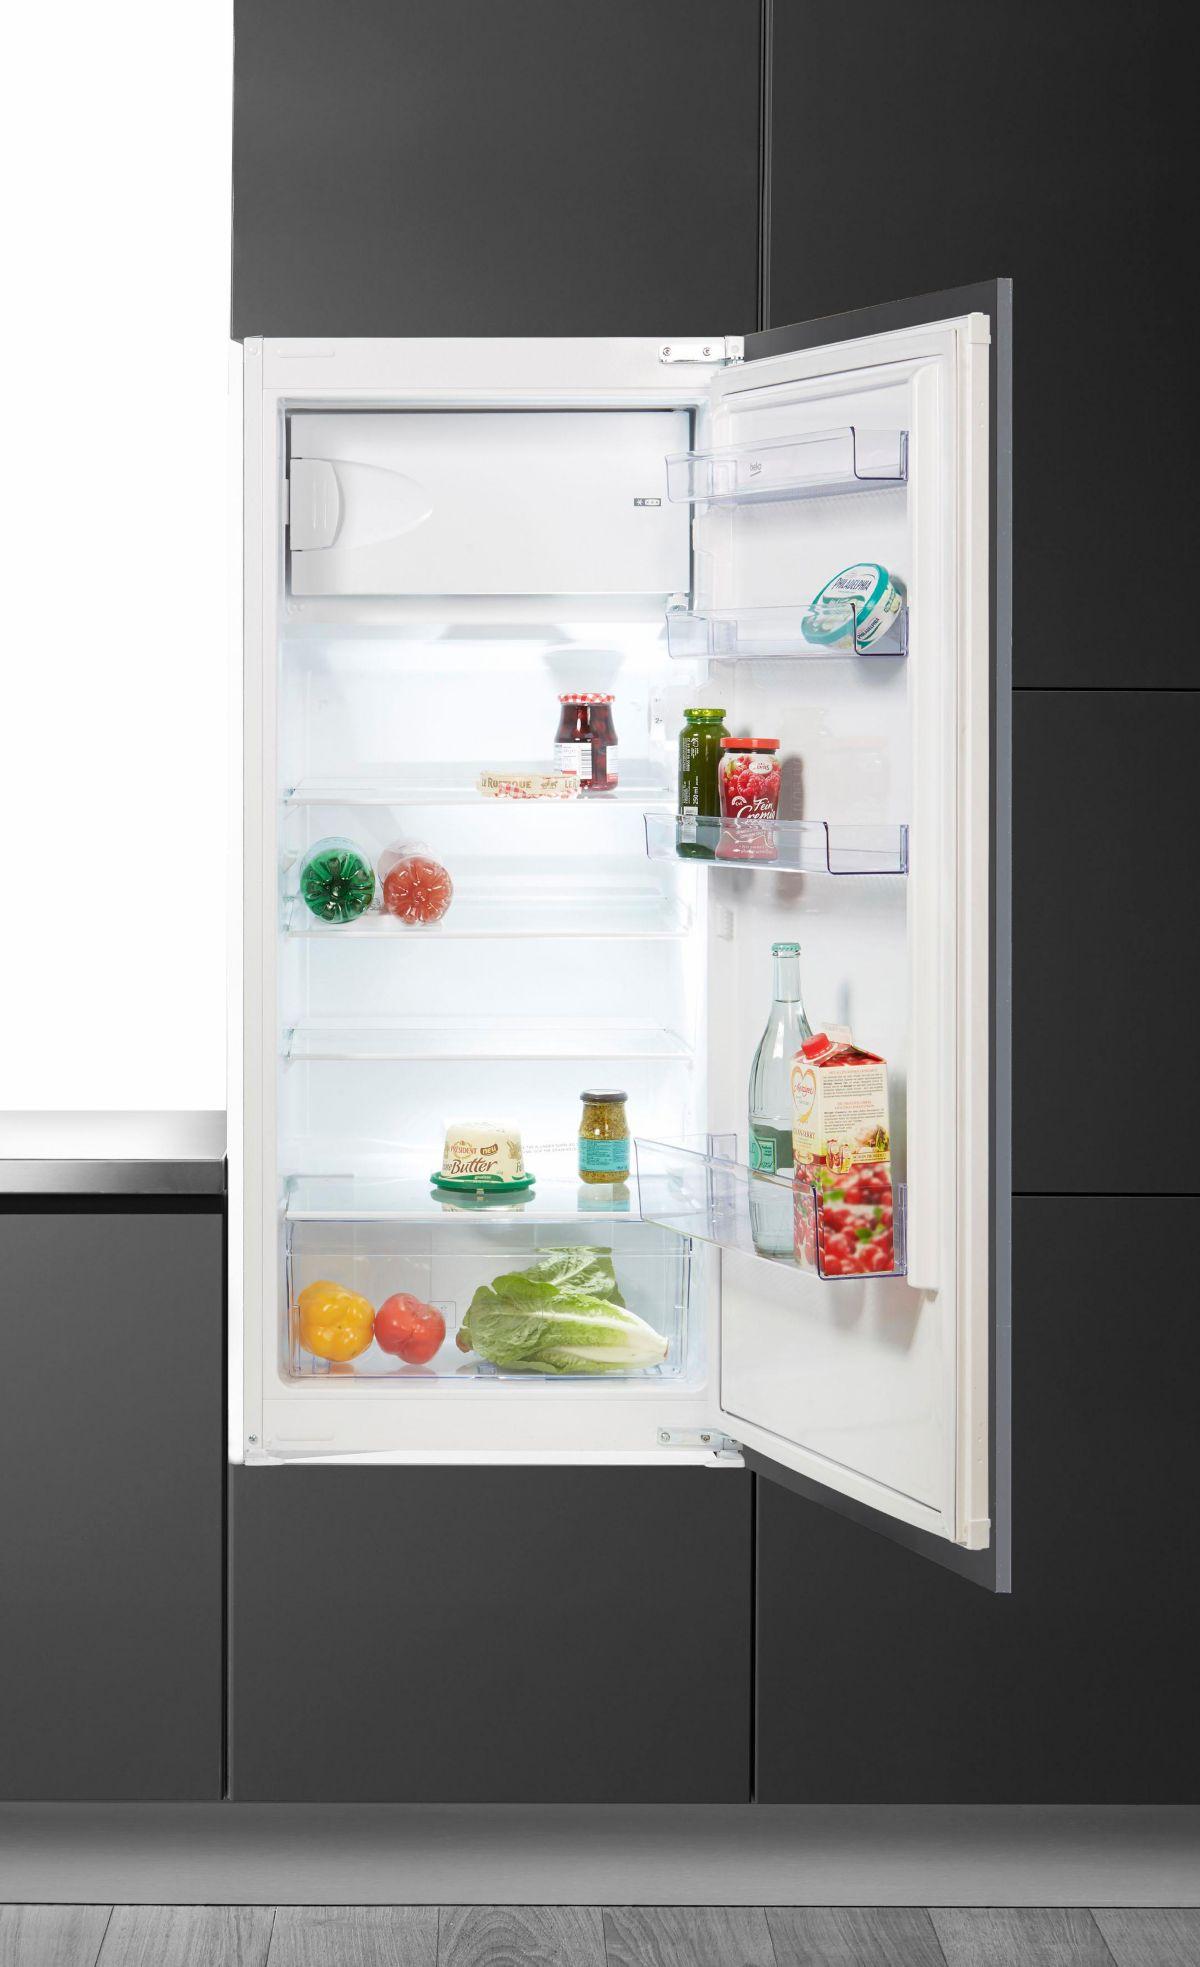 Beko integrierbarer Einbau-Kühlschrank BSSA210K2S